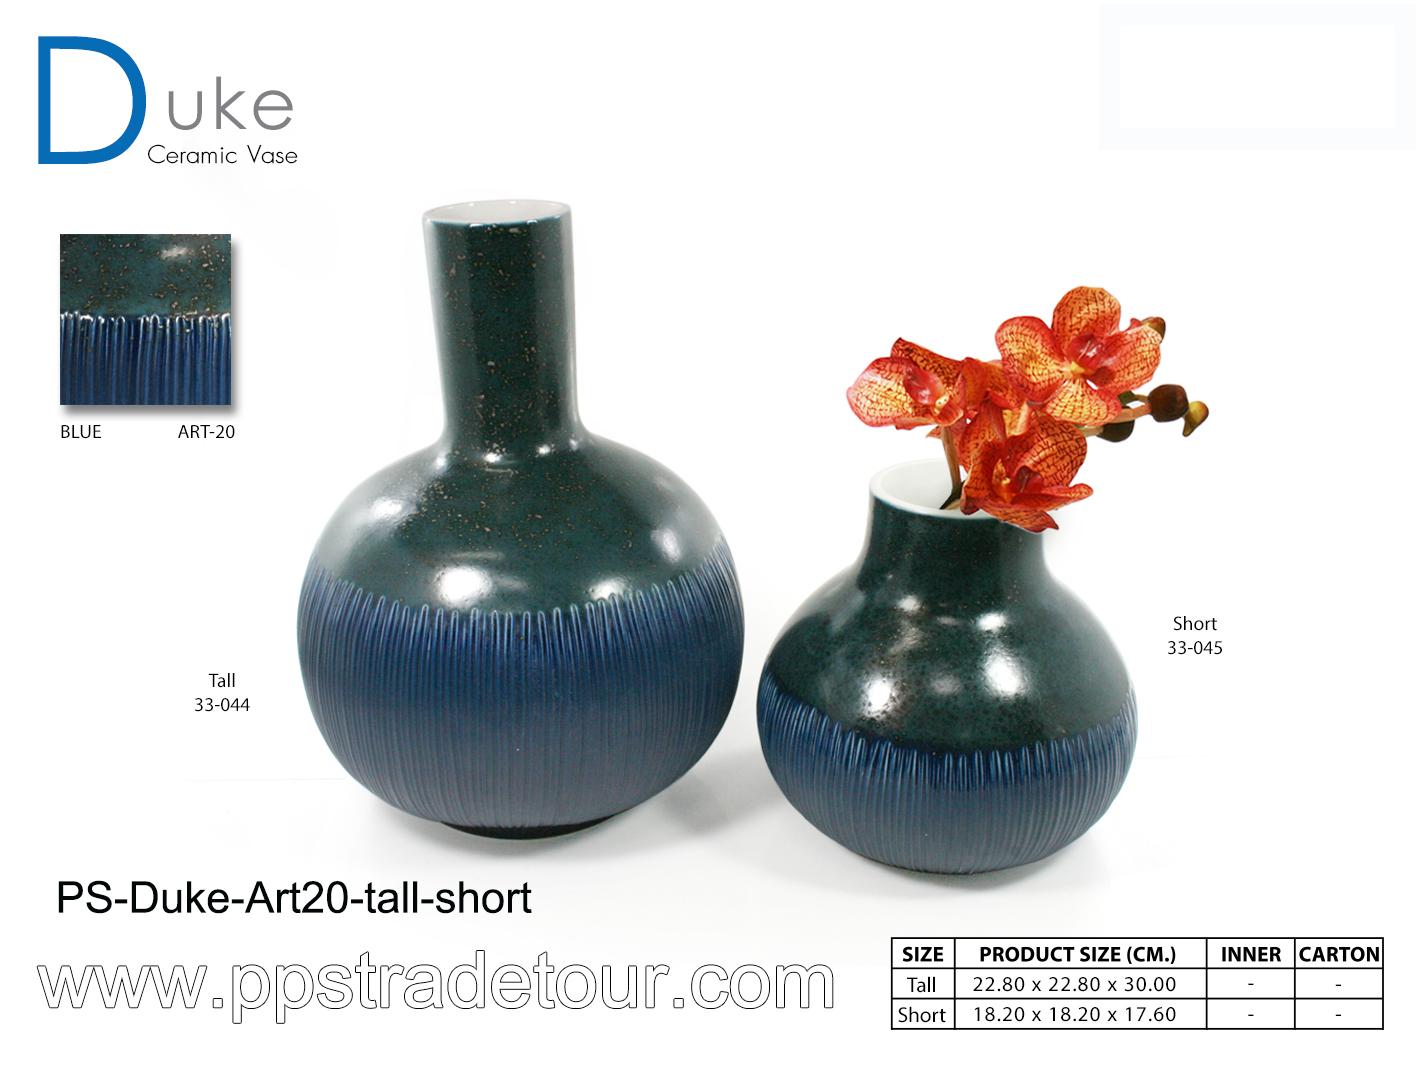 PSCV-Duke-Art20-tall-short